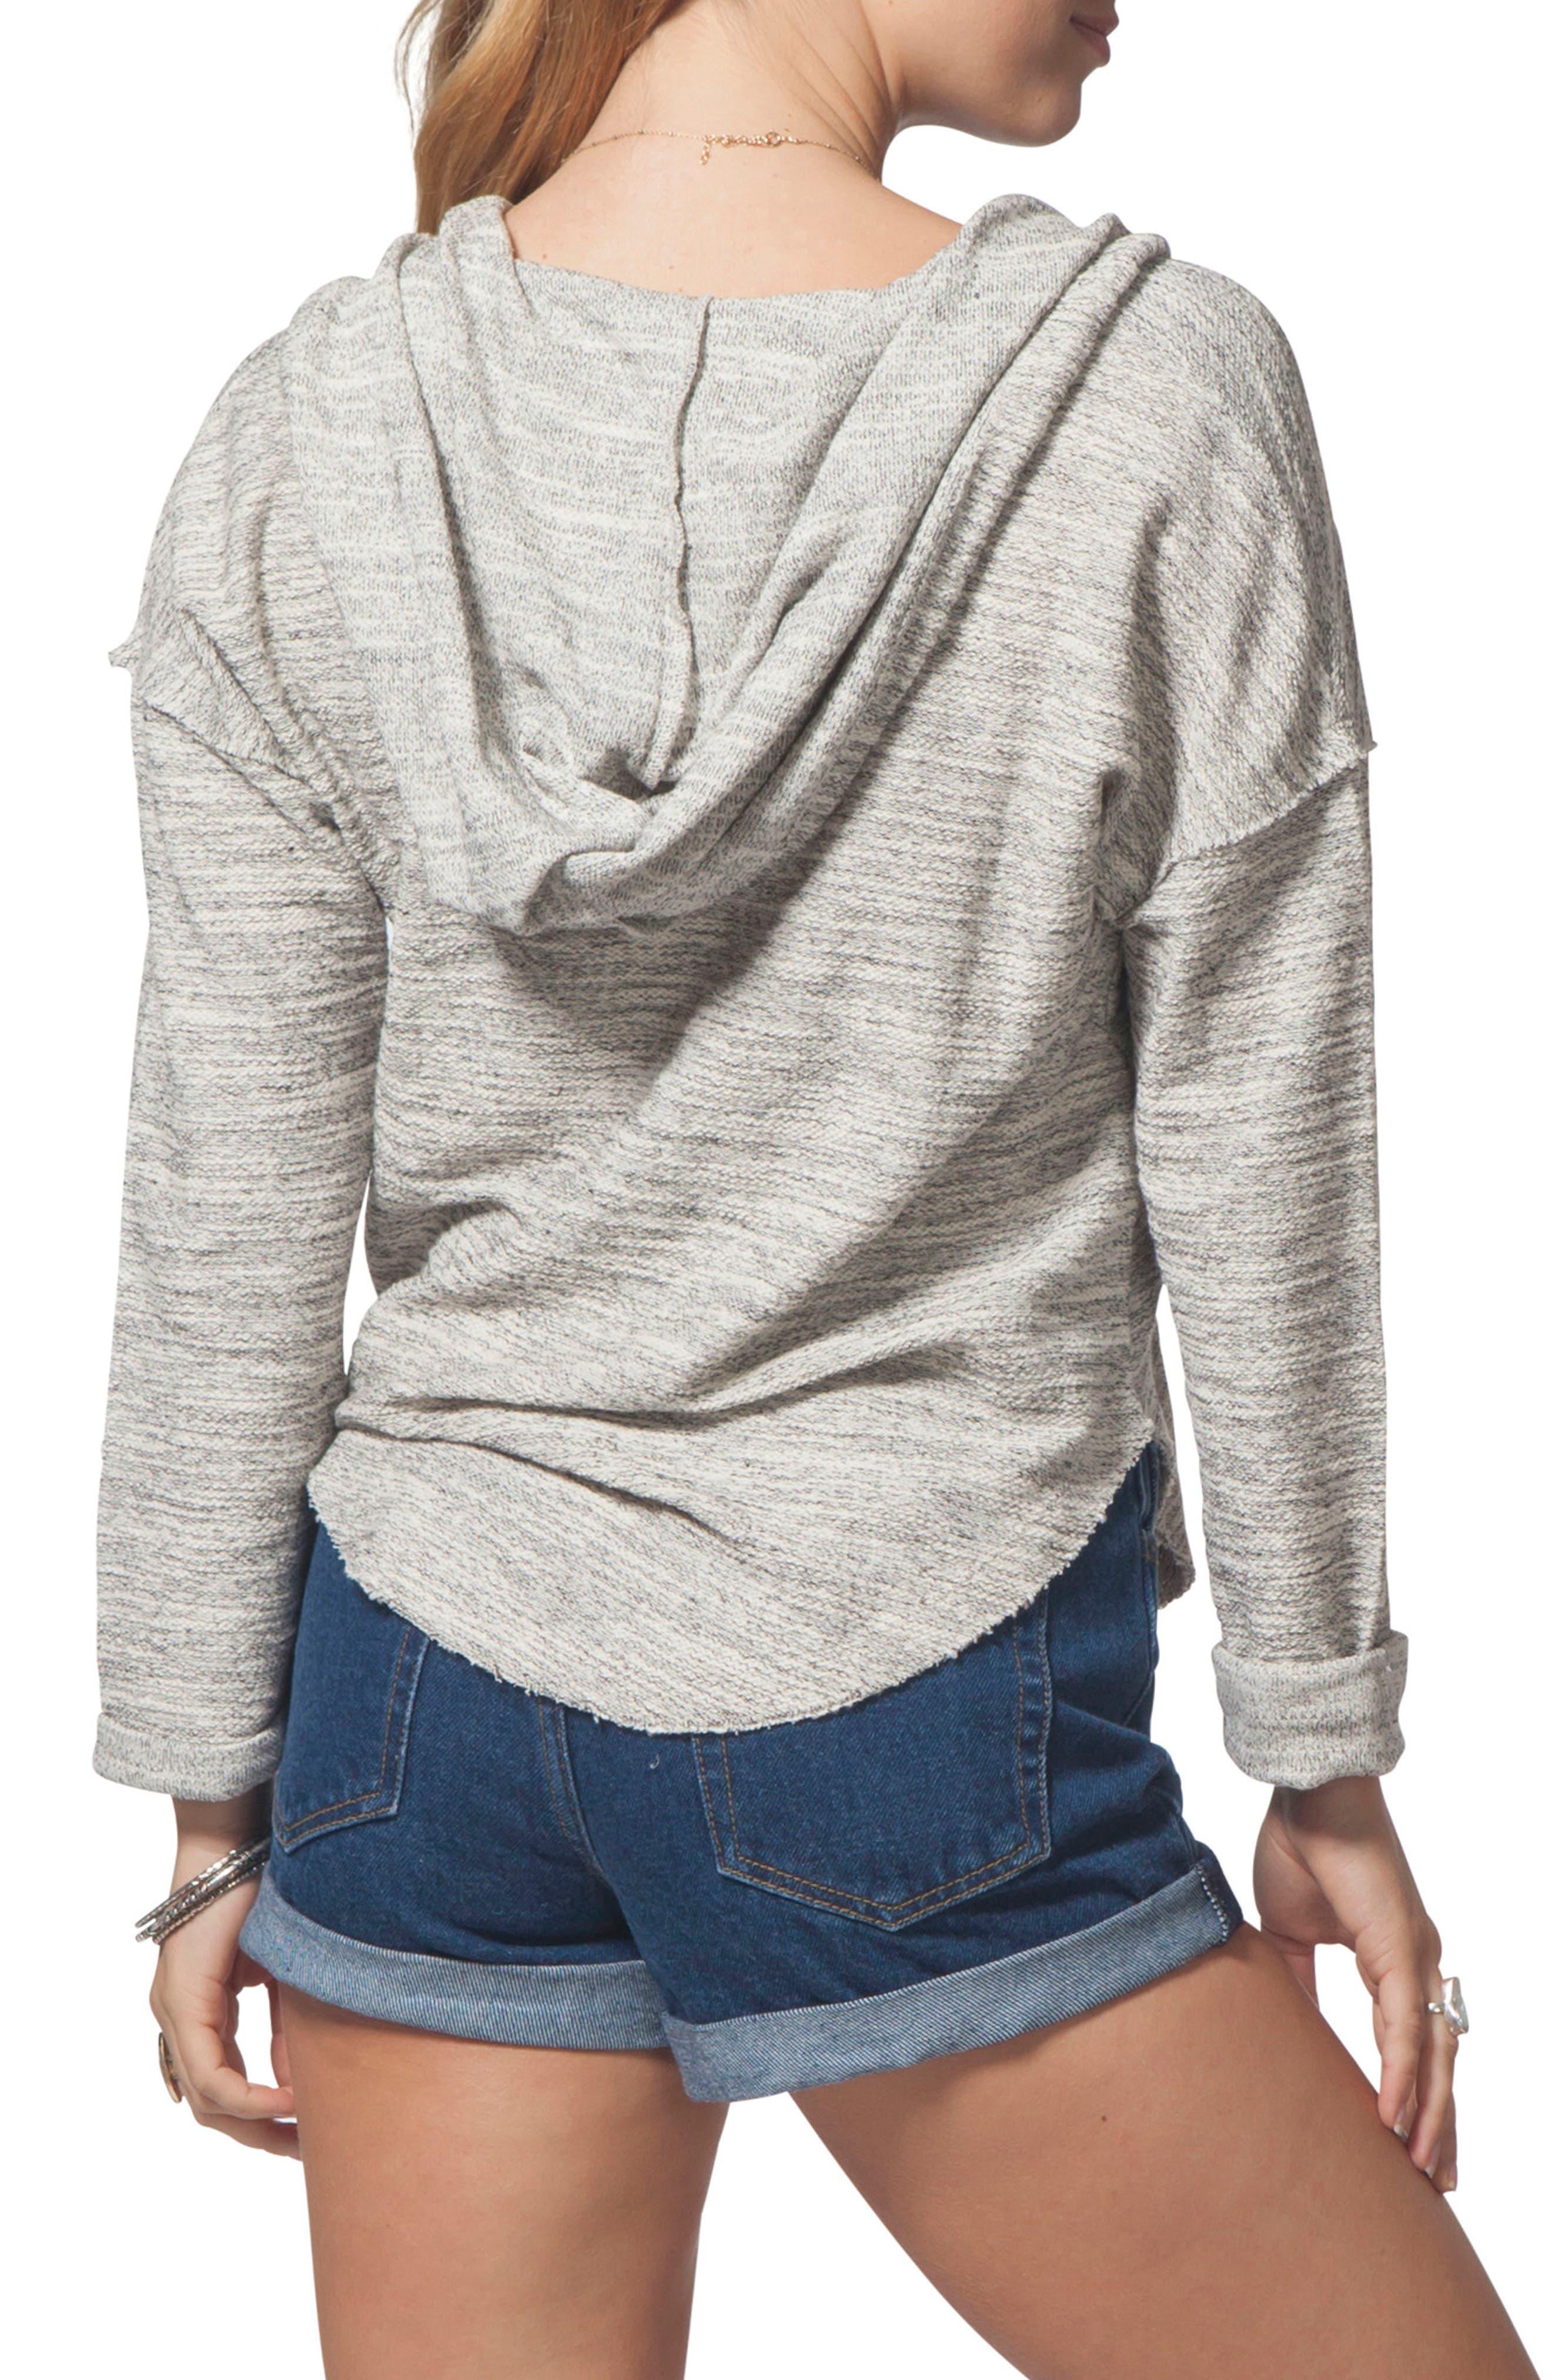 Drift Pullover Hoodie,                             Alternate thumbnail 2, color,                             Black/ White